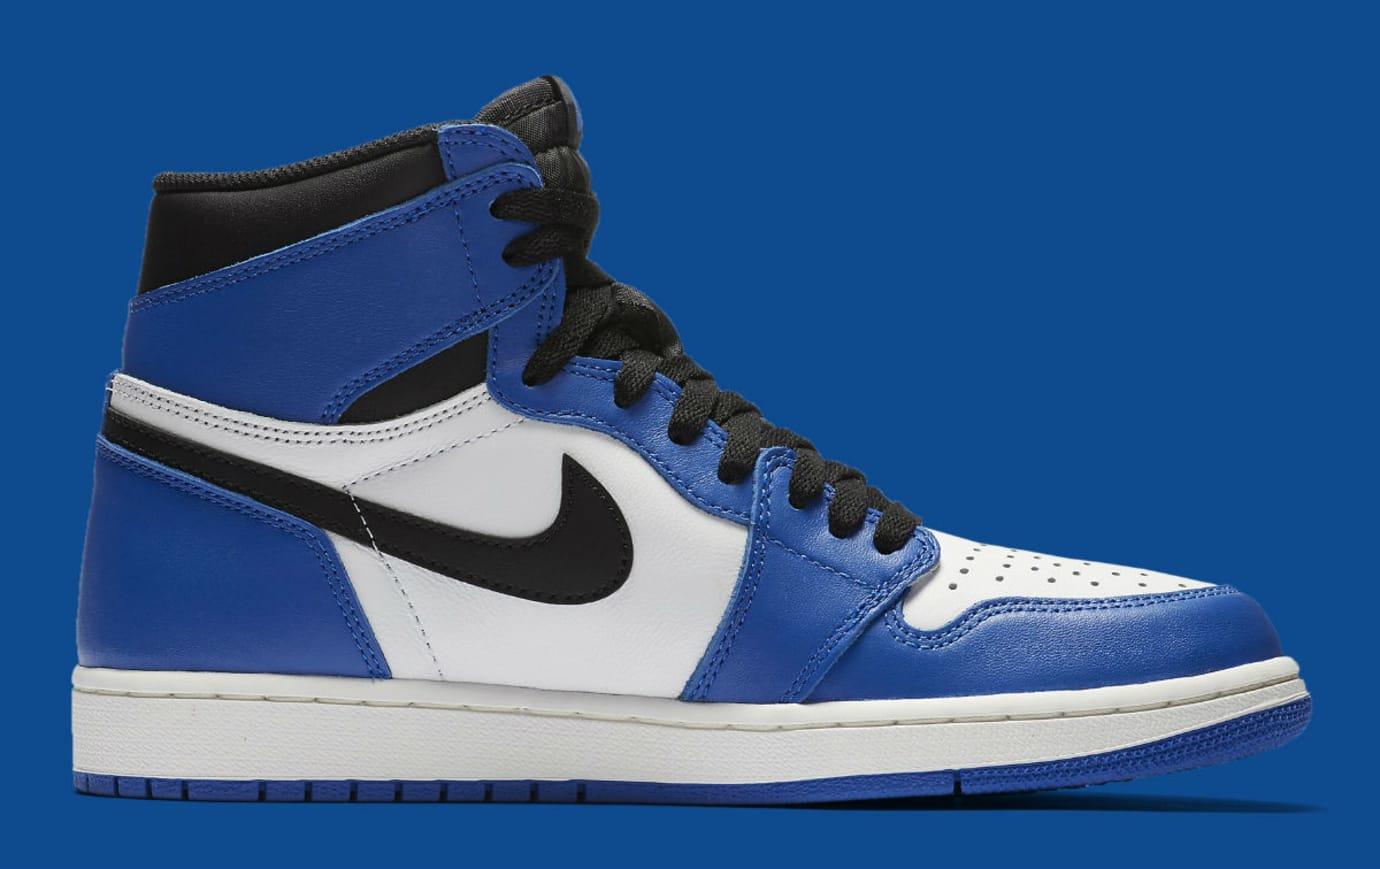 3de18ba7784 Air Jordan 1 High Game Royal Release Date 555088-403 Medial